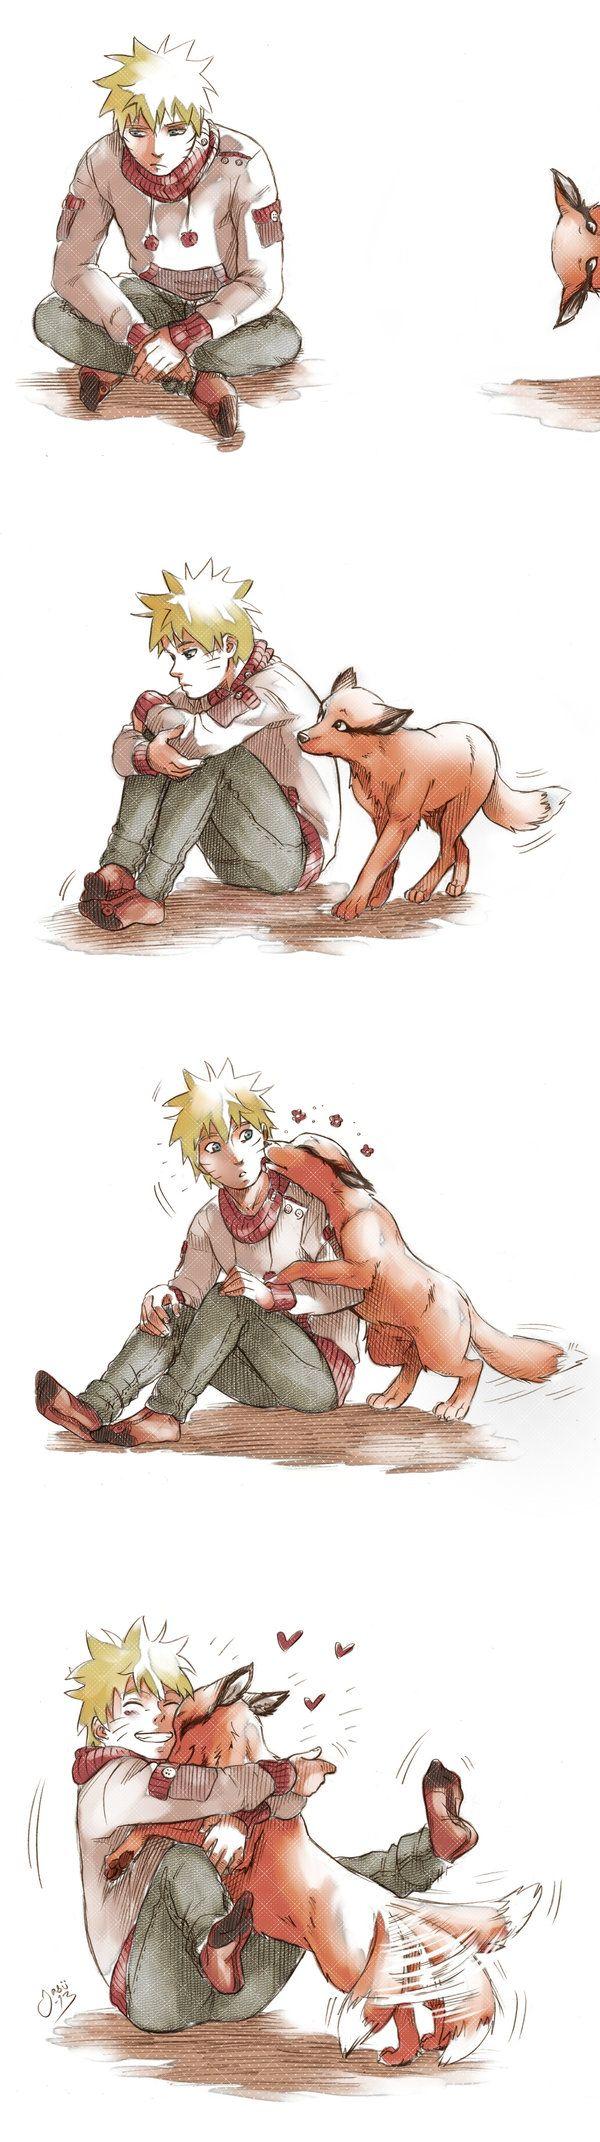 Naruto and Kyuubi - Cheer up! by Yasuli.deviantart.com